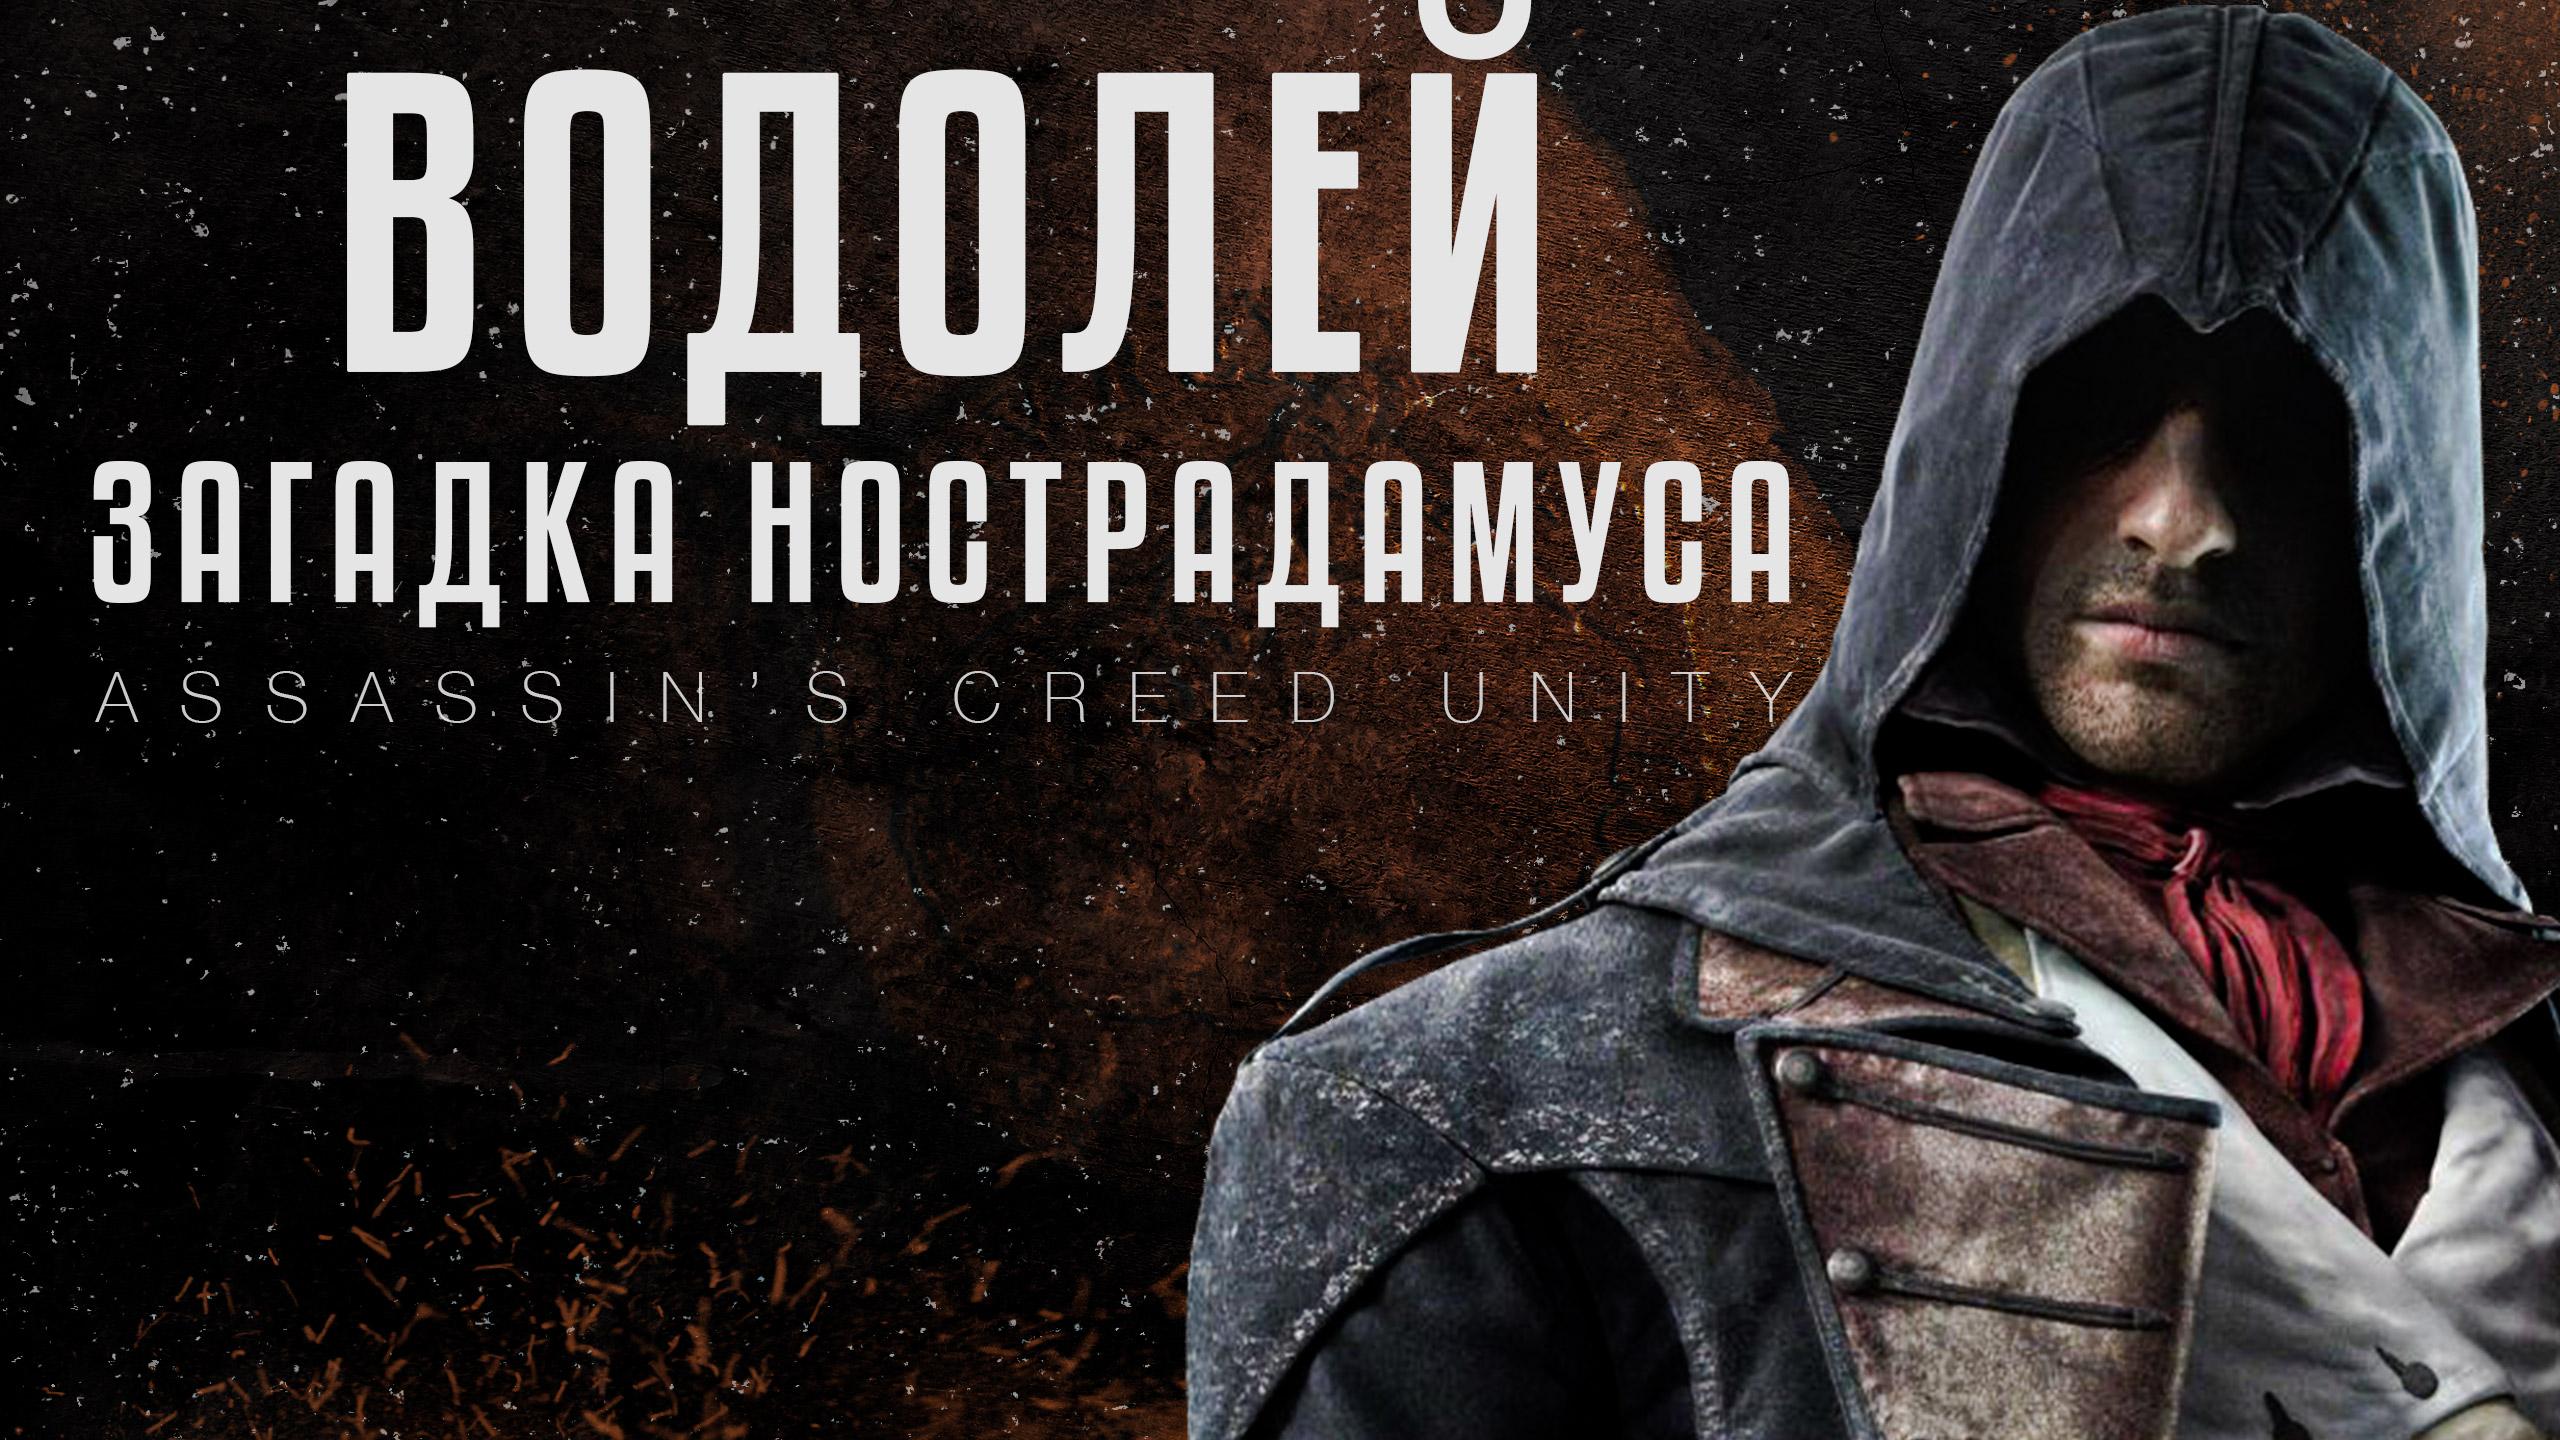 Нострадамус в игре Assassin's Creed Unity (Водолей)